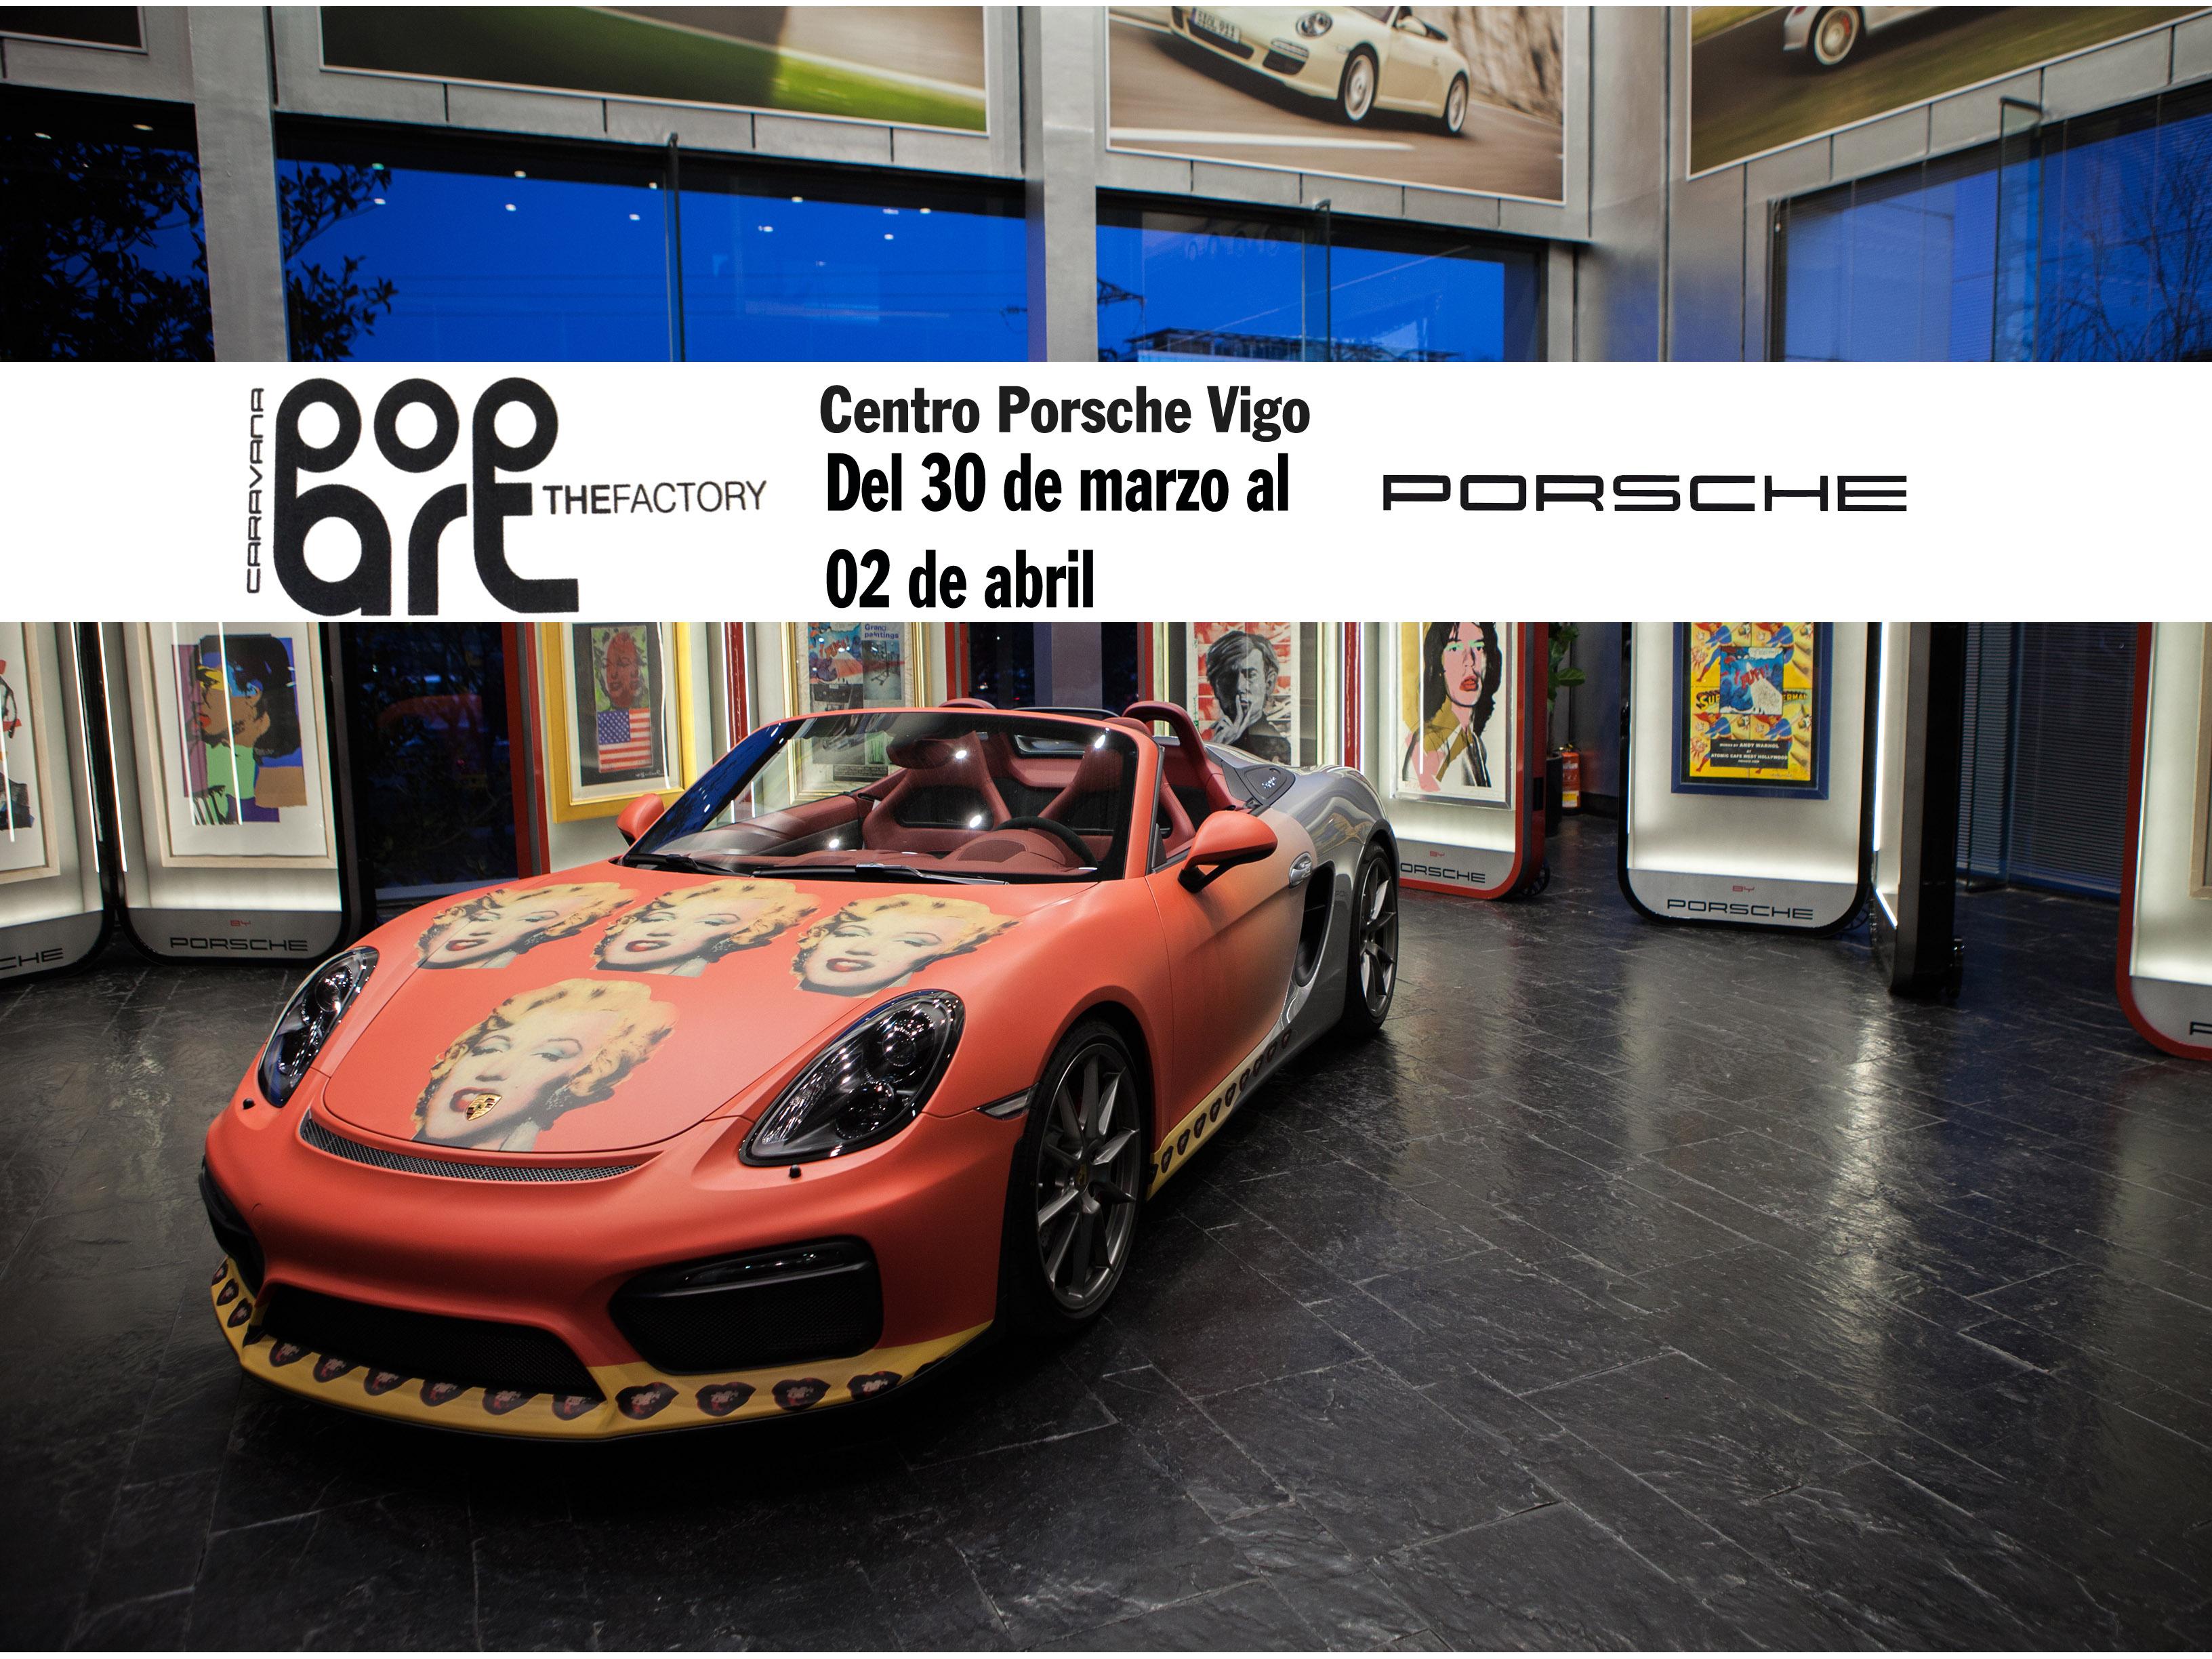 Obras originales Warhol en Porsche Vigo